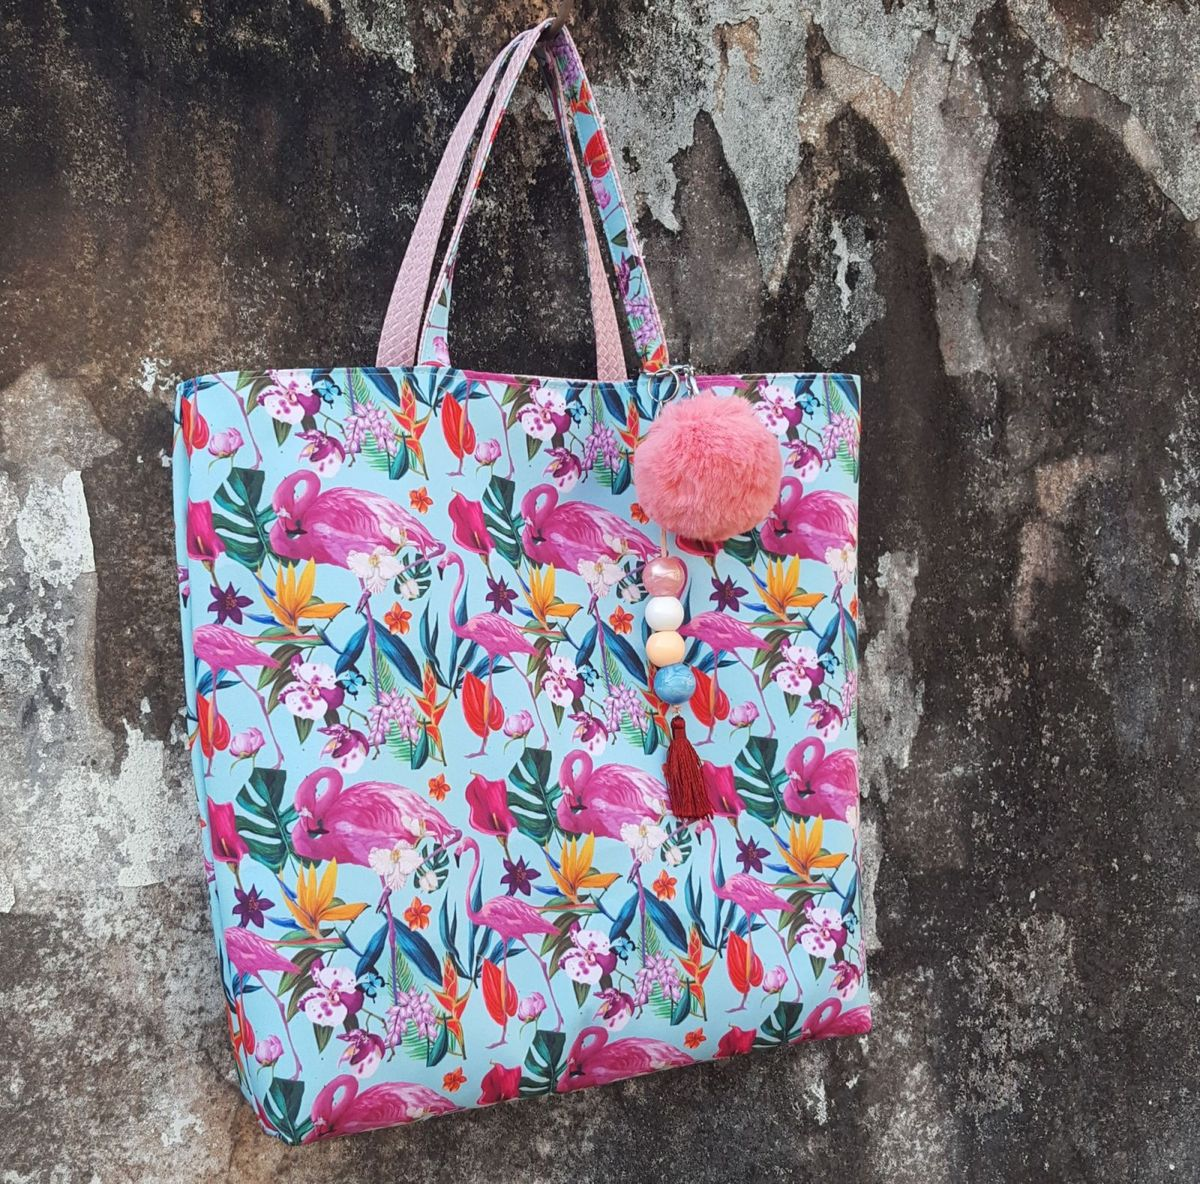 9b5fc708b Bolsa Sacola Praia Flamingos Dupla Face | Bolsa de Ombro Feminina ...